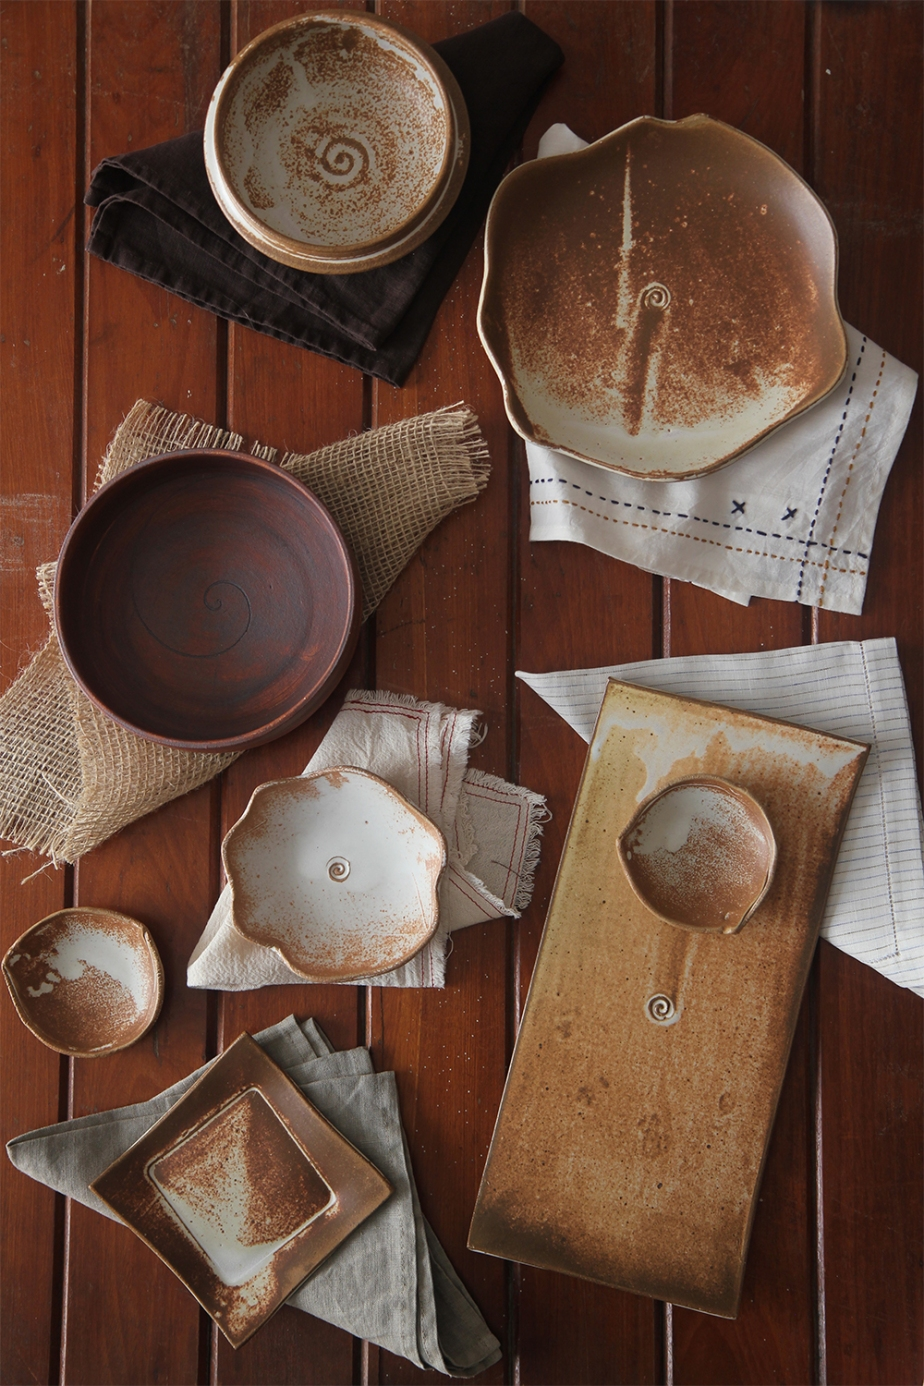 aluguel de objetos para fotografia gastronomica